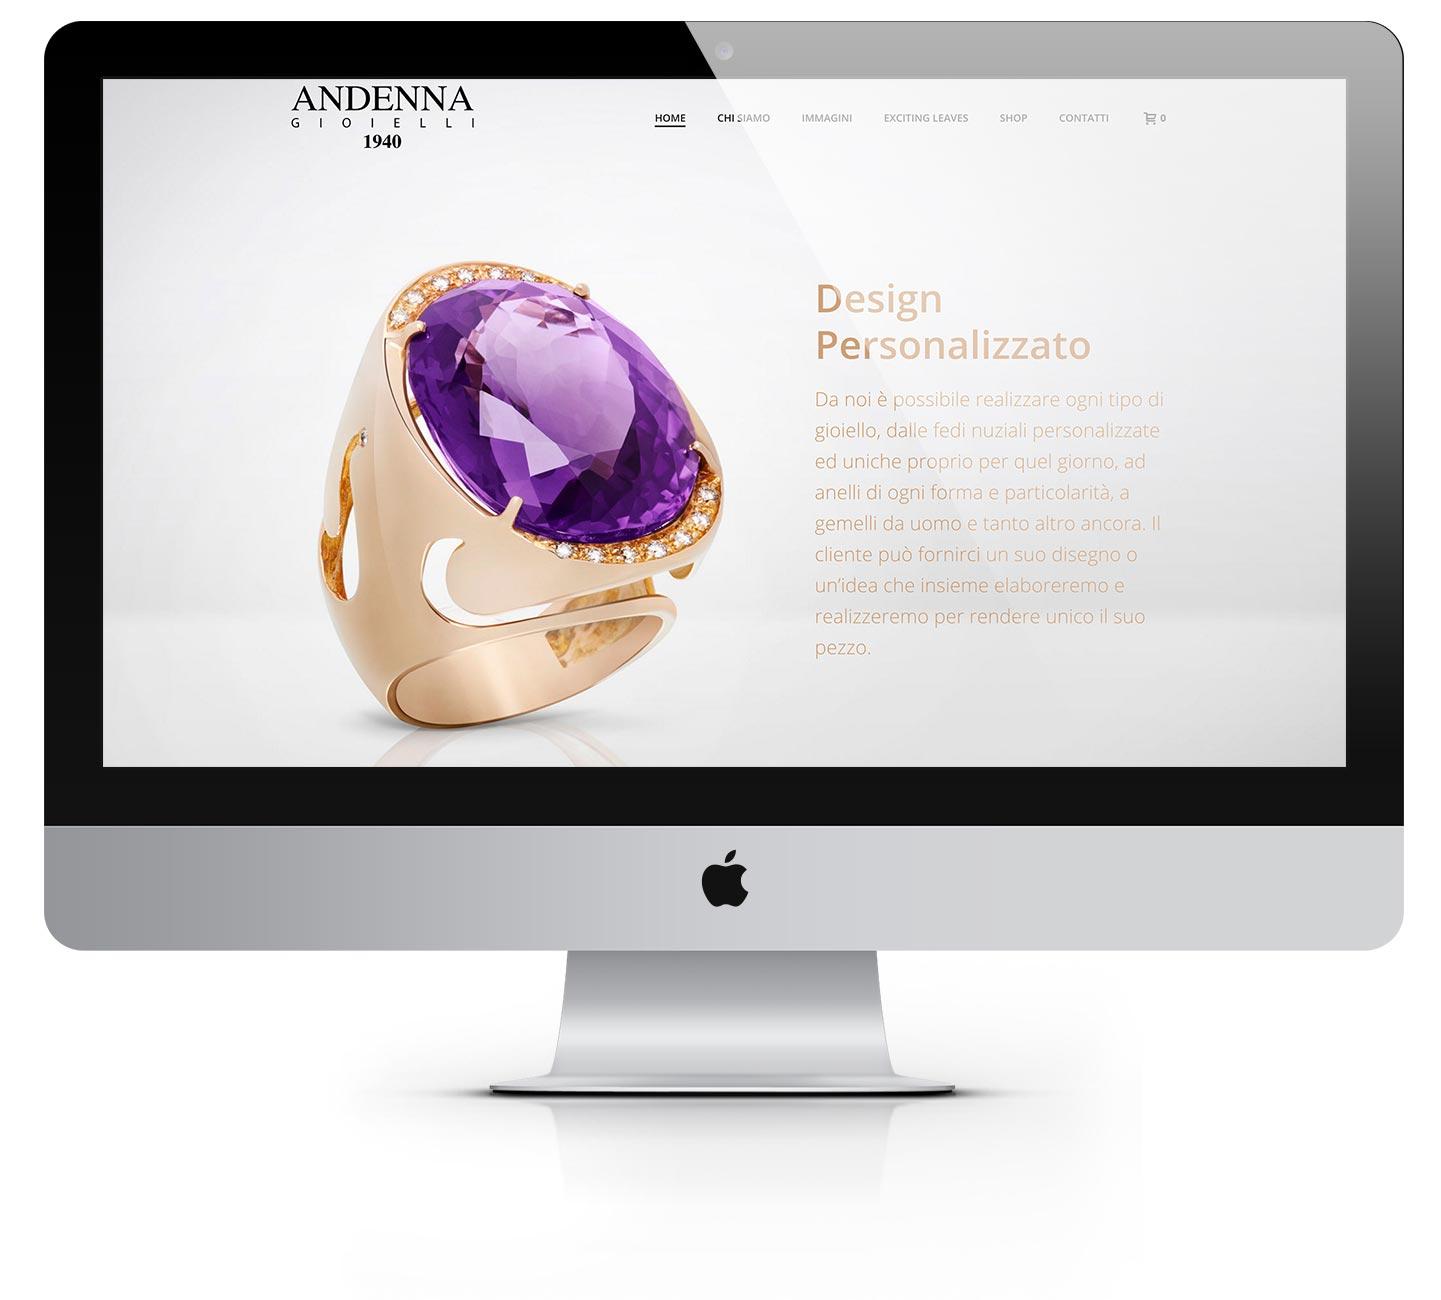 andenna-gioielli-design-sito-web-1